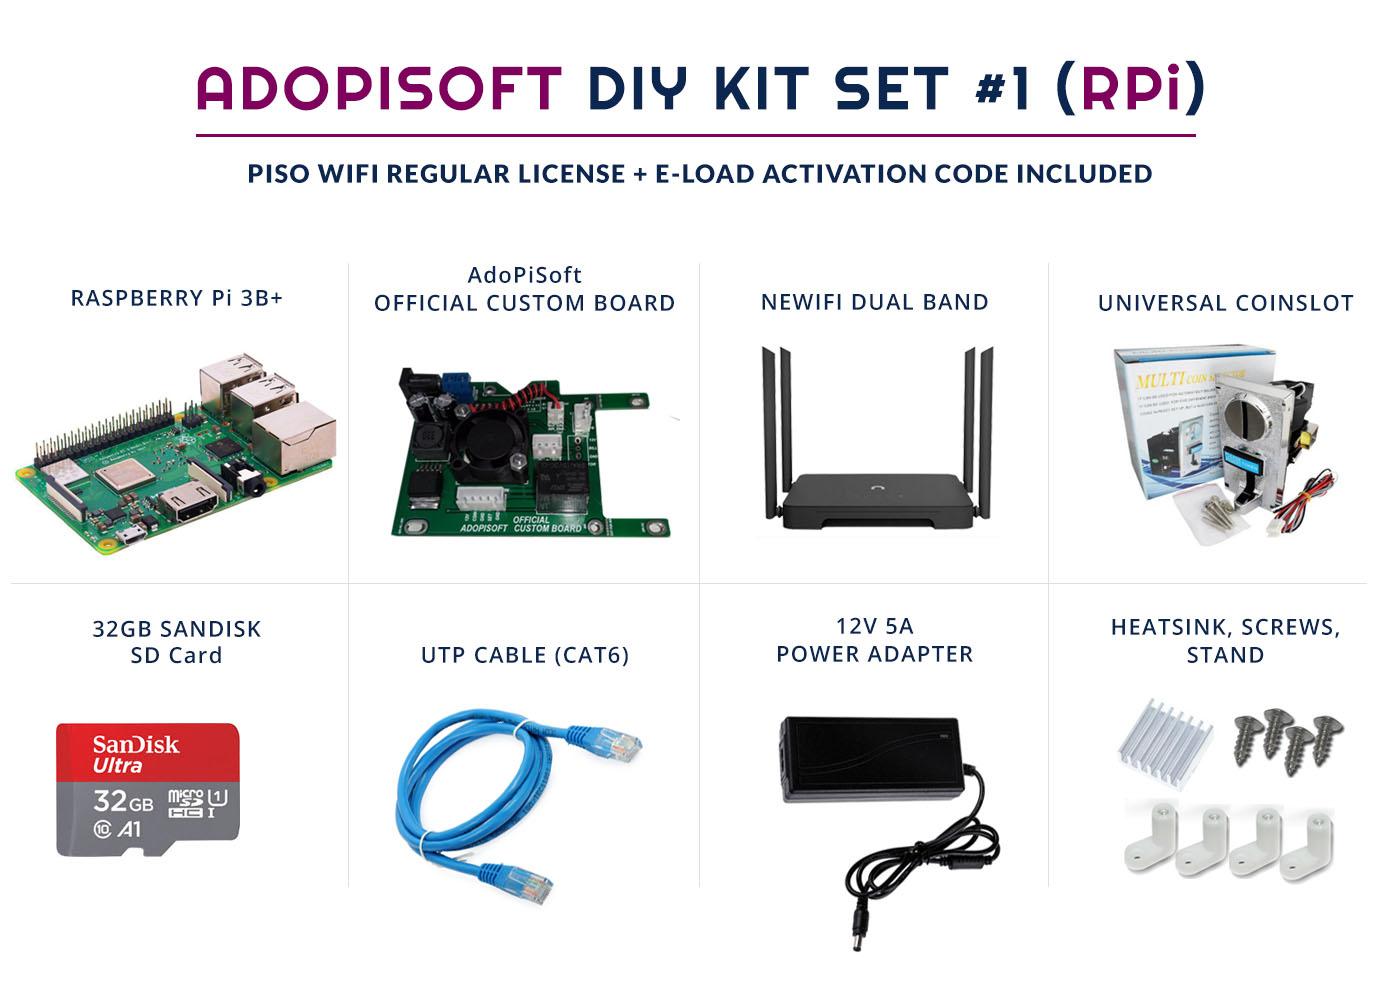 piso wifi rpi kit